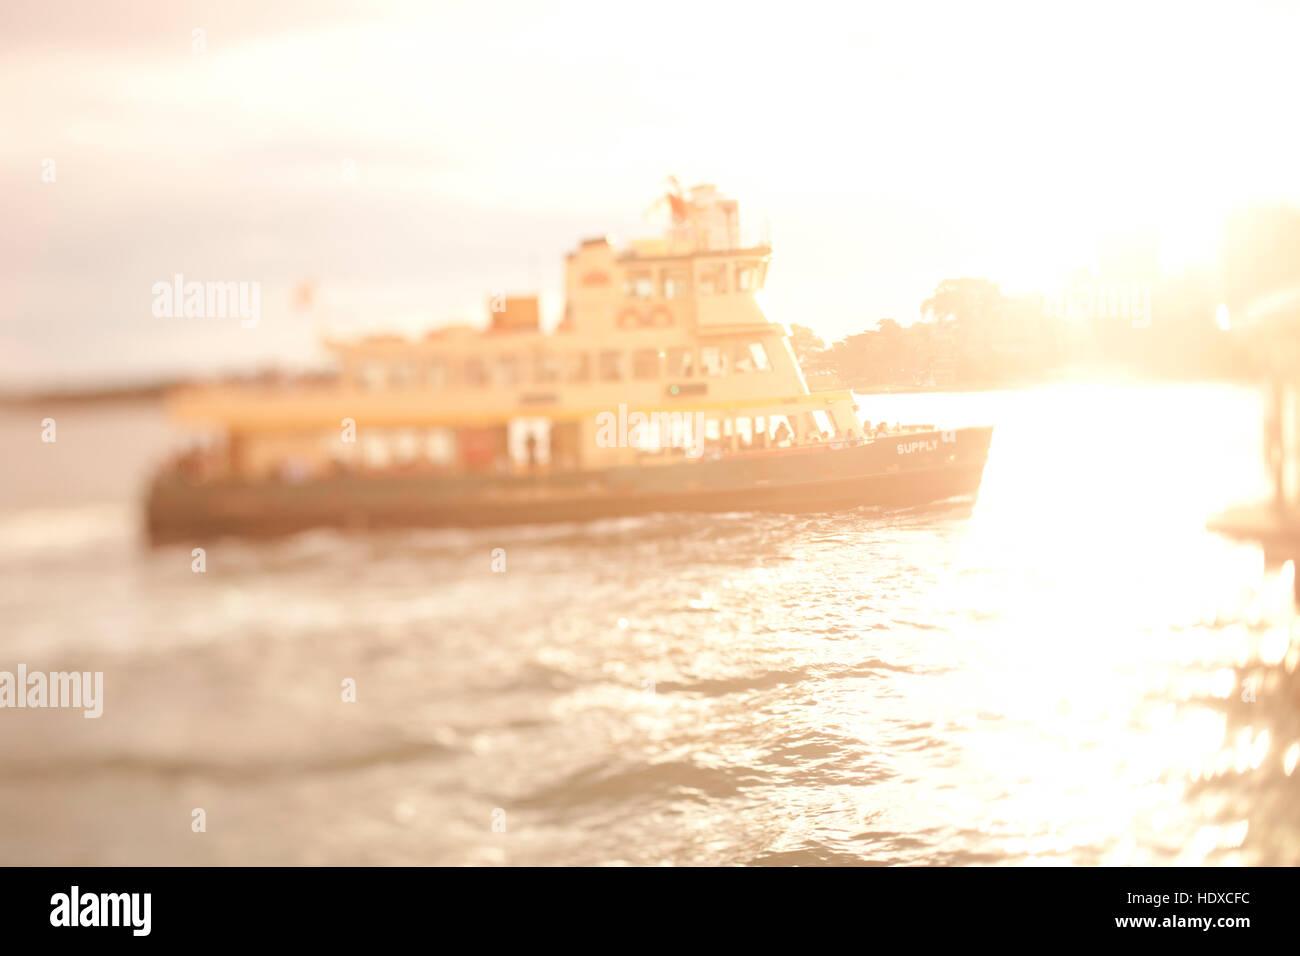 Selezionare focus tilt-shift image porto di traghetto nel porto di Sydney durante il tramonto Immagini Stock